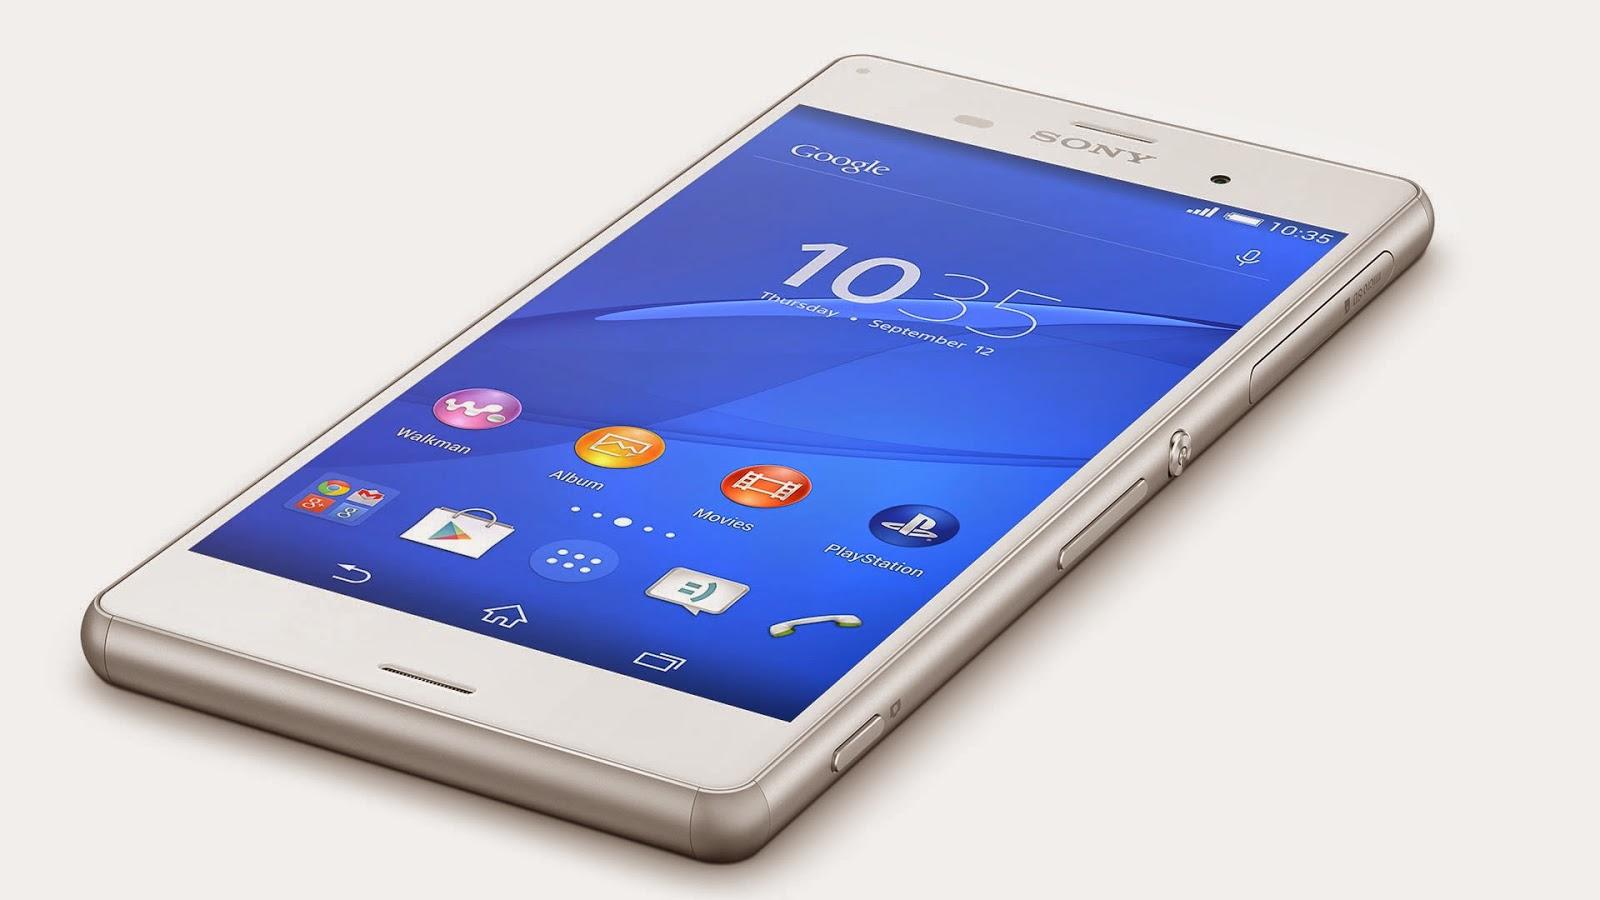 5 Ponsel Android Termurah dan Terbaik untuk Bermain Game